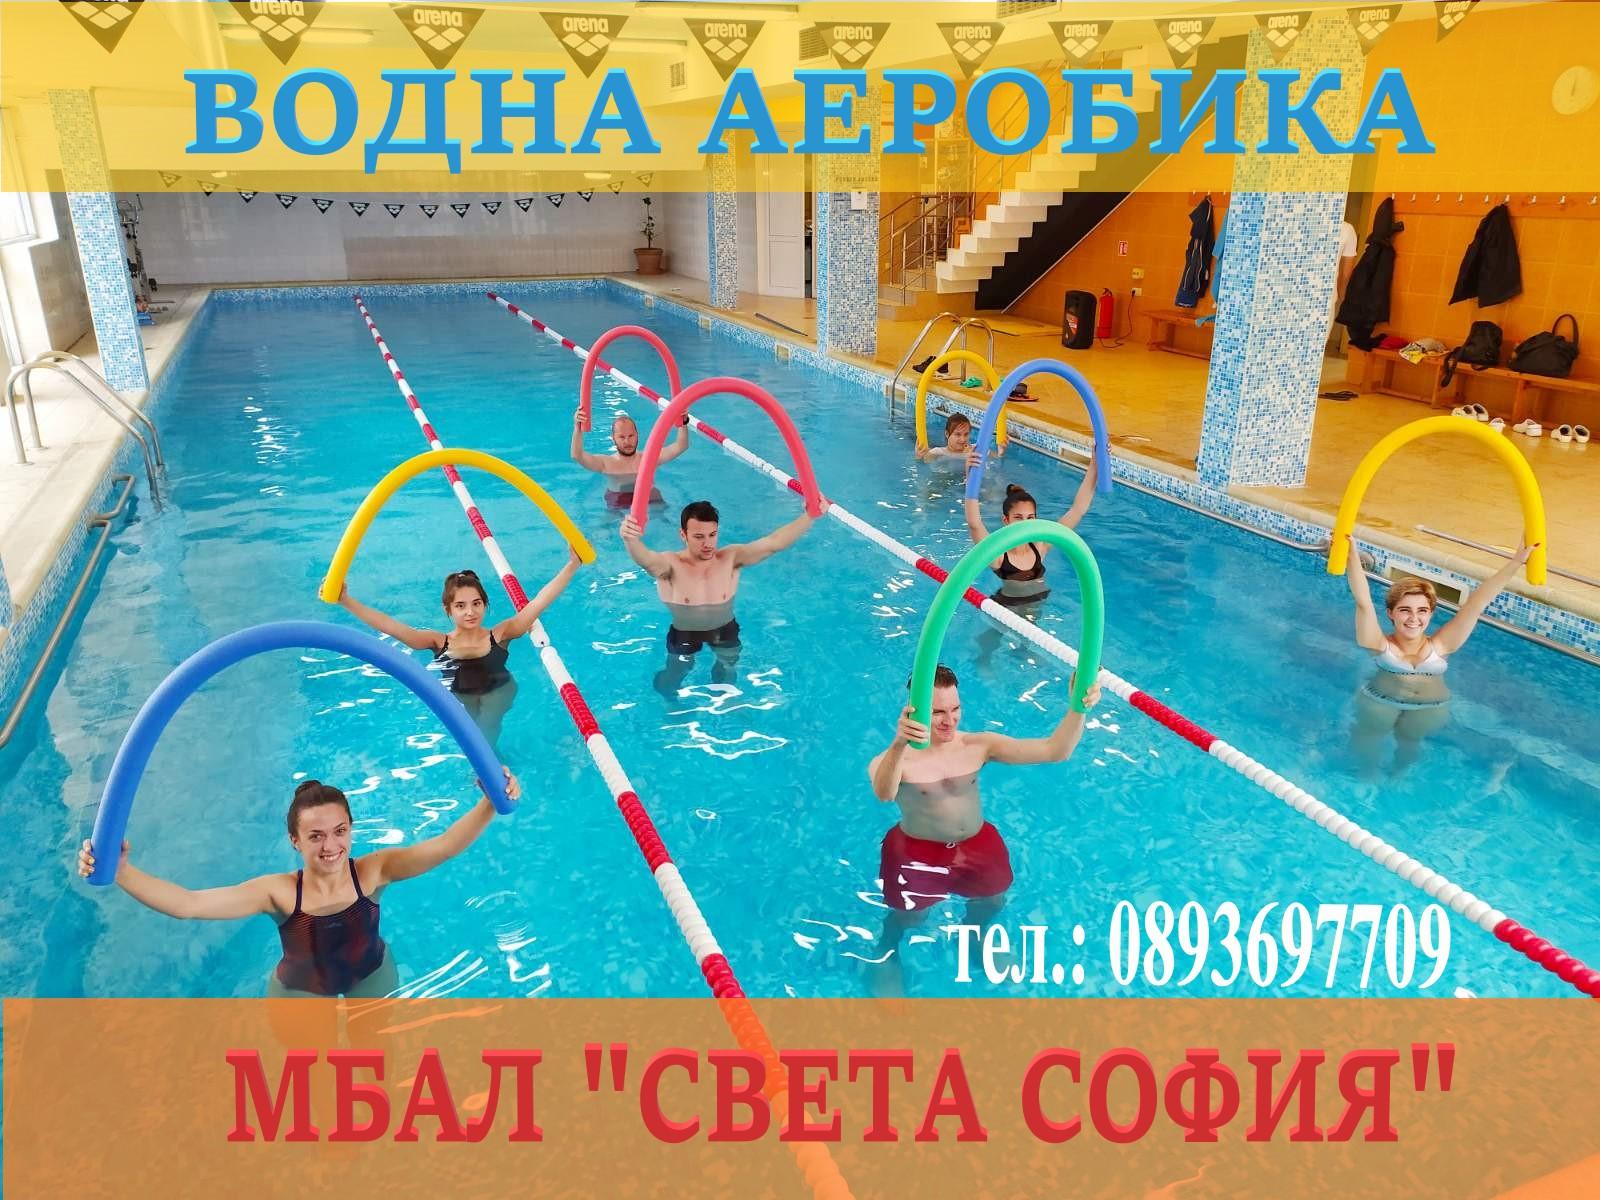 Най-добрият спорт за здраве, настроение и възстановяване!